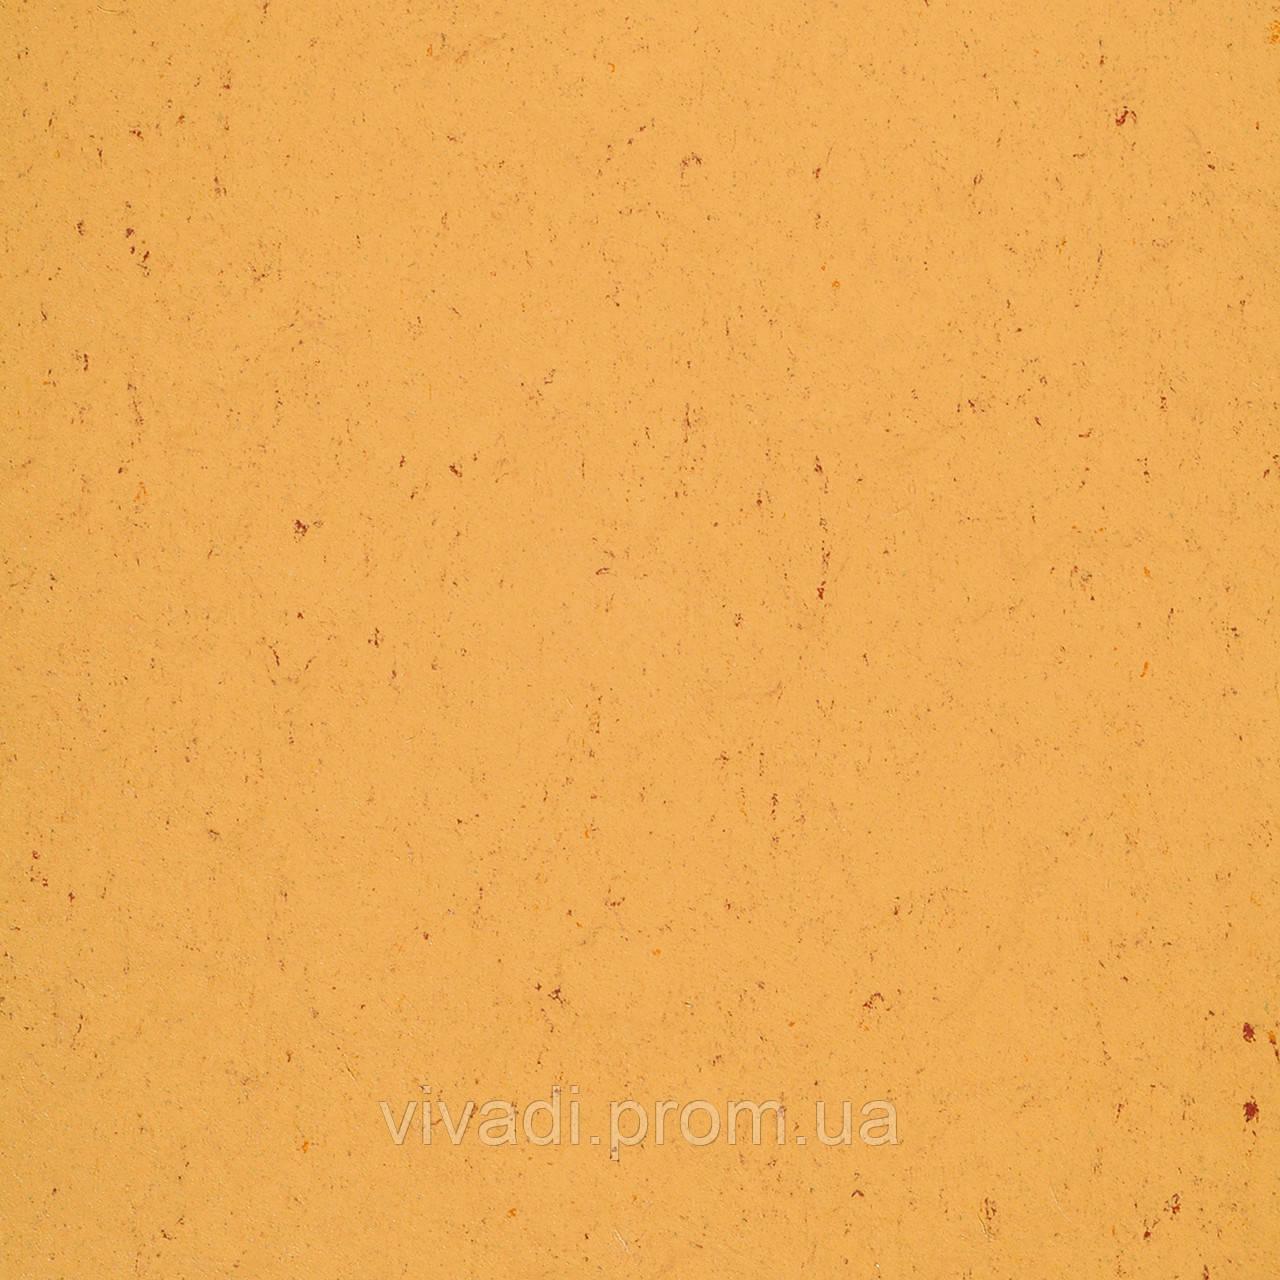 Натуральний лінолеум Colorette LPX - колір 131-073